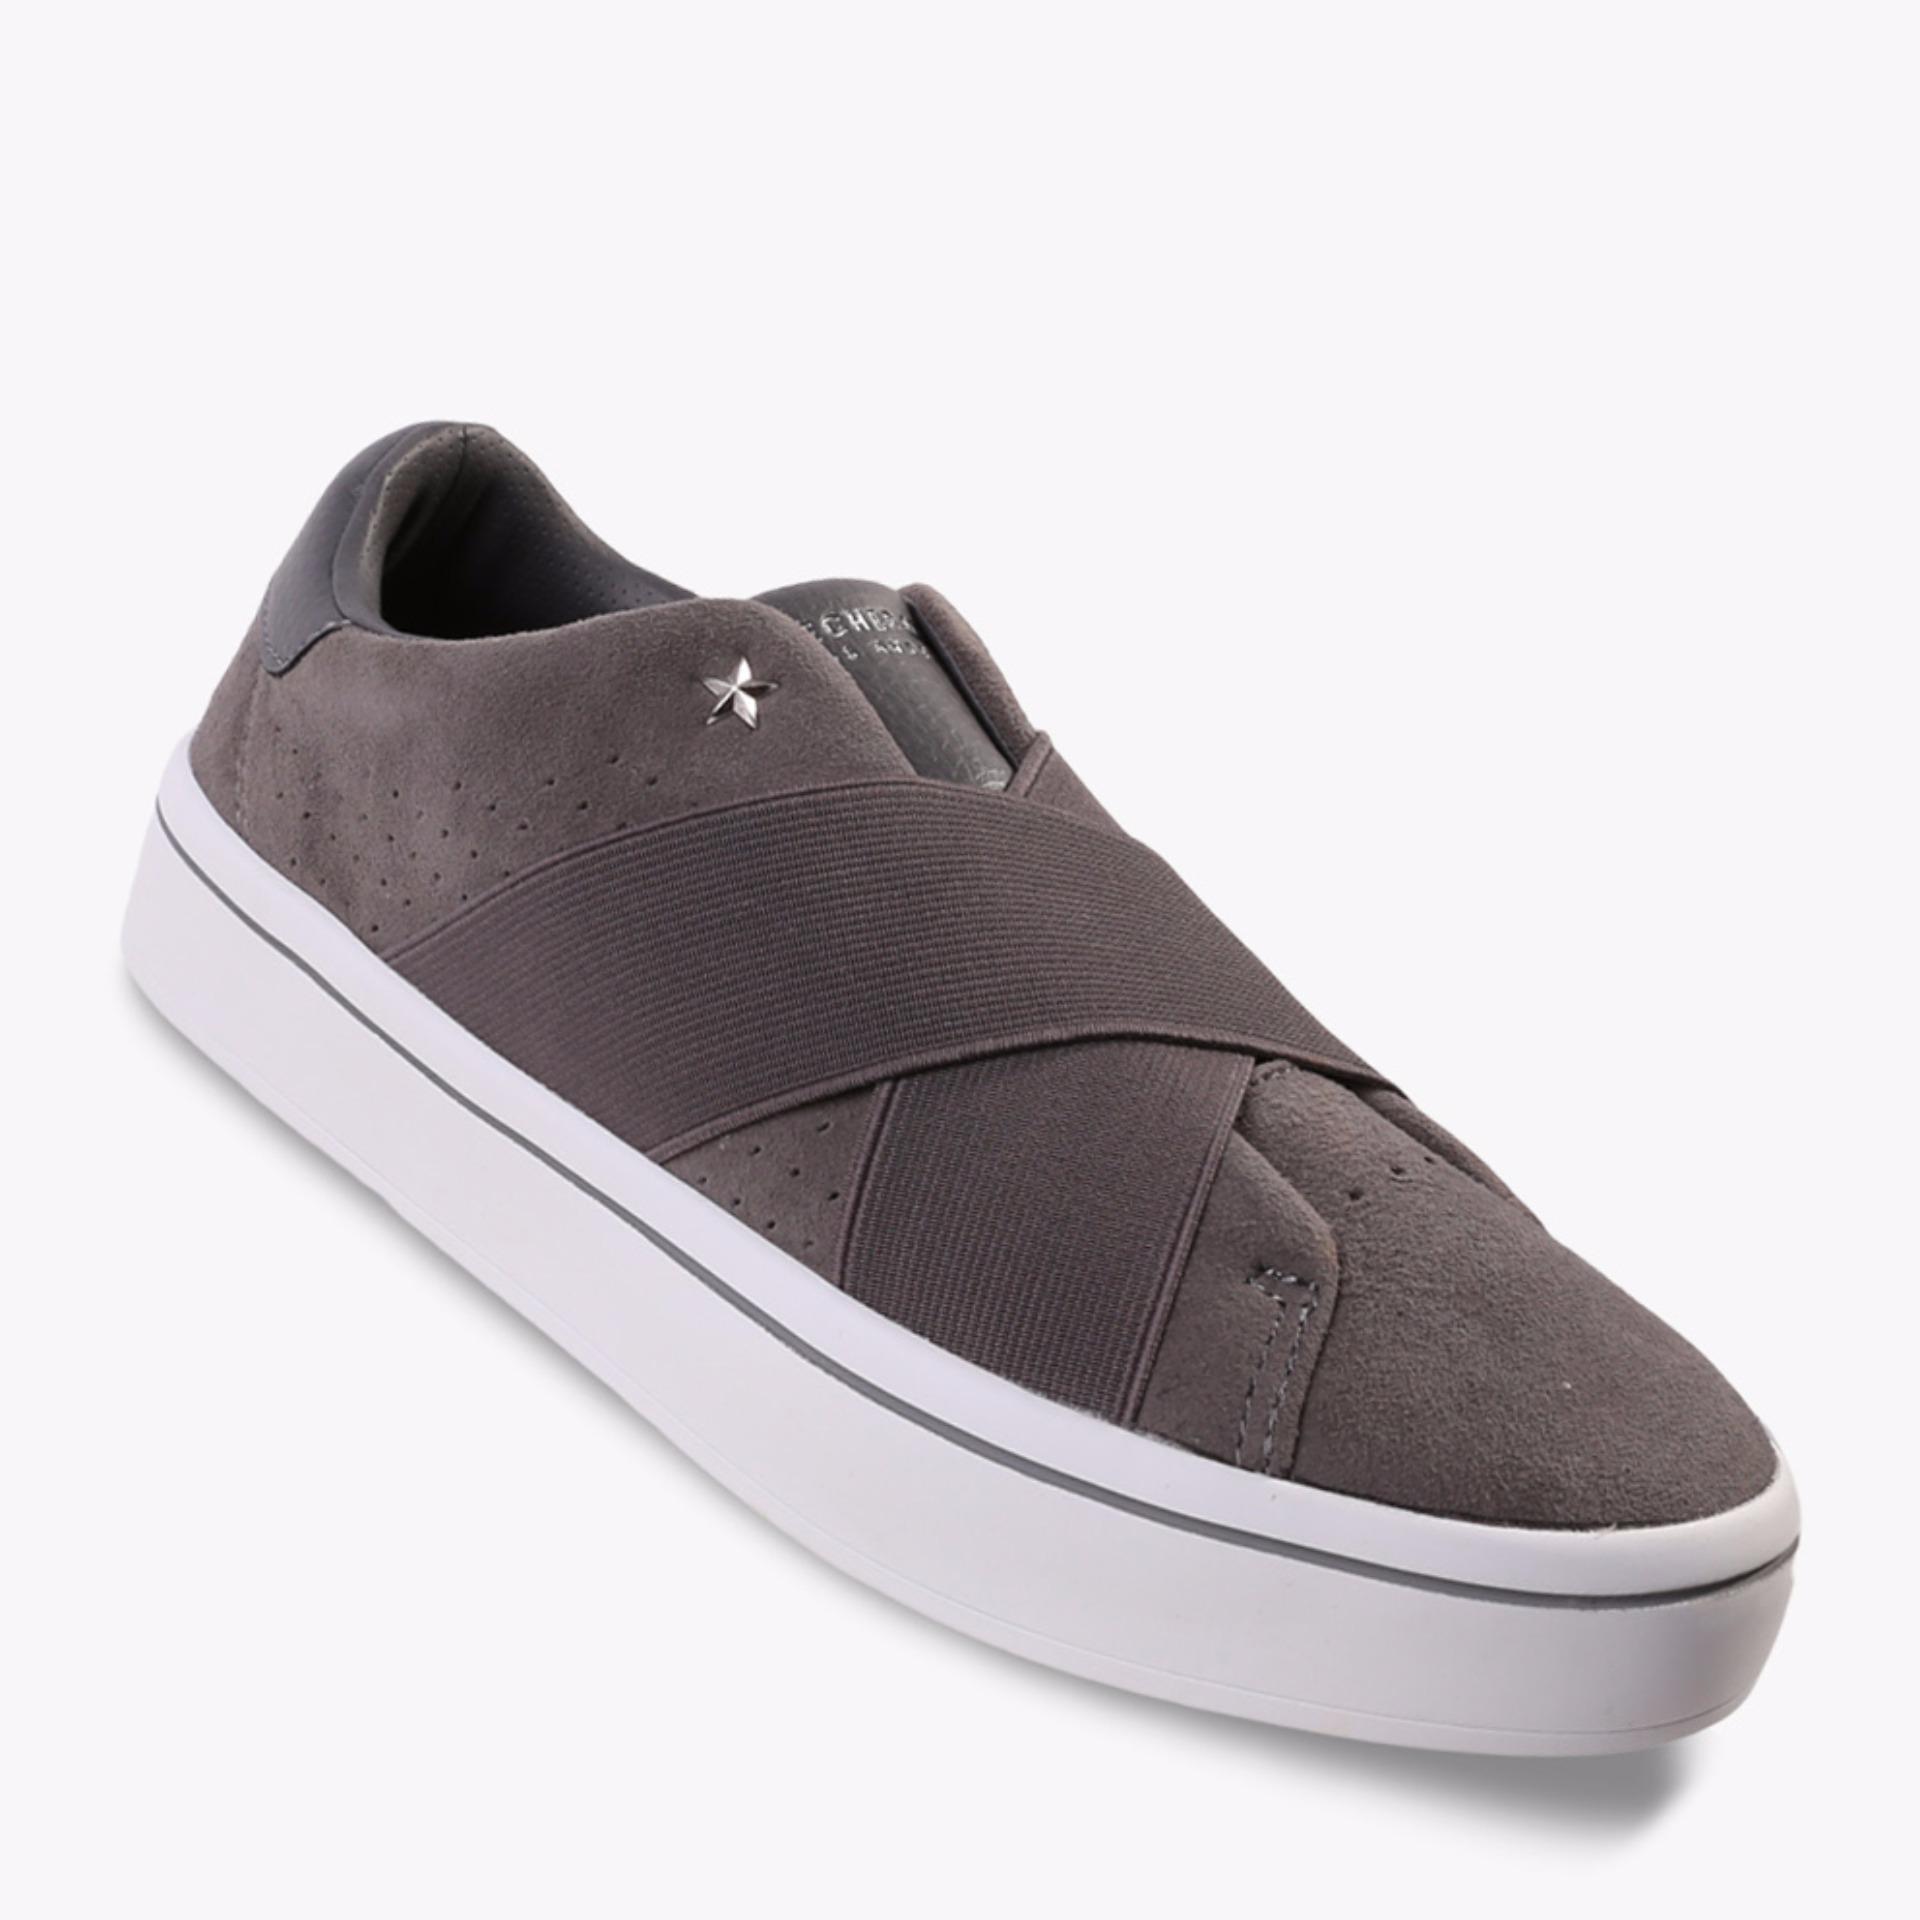 Harga Skechers Hi Lites Street Crossers Women S Sneakers Shoes Abu Abu Yg Bagus